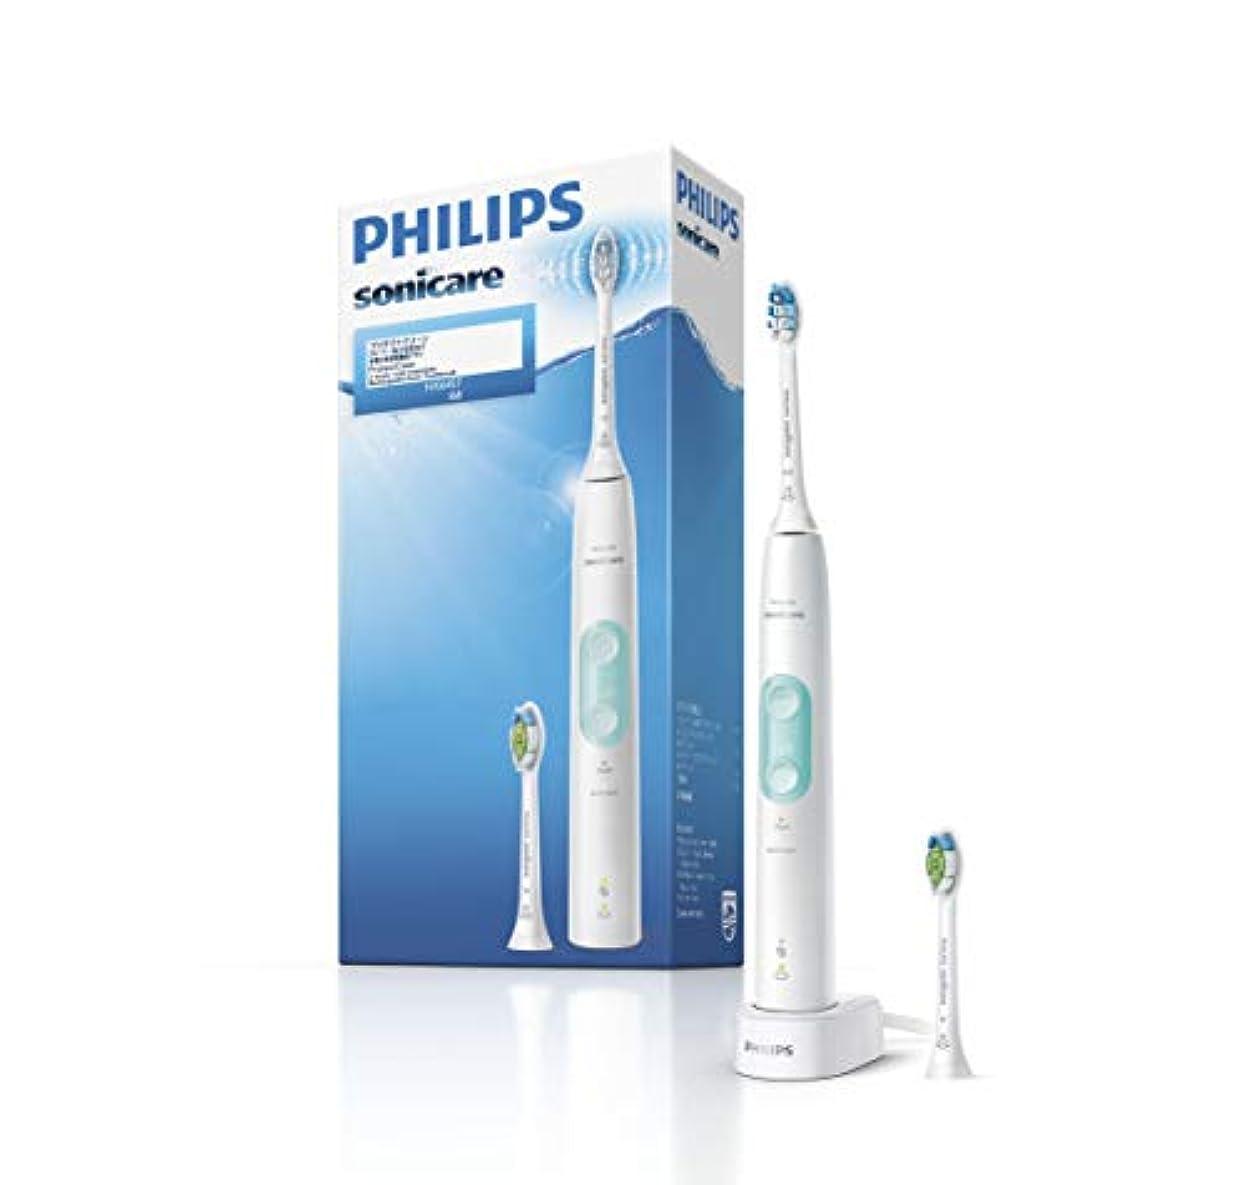 重量意気込み降雨フィリップス ソニッケアー プロテクトクリーン プラス 電動歯ブラシ ホワイトミント HX6457/68